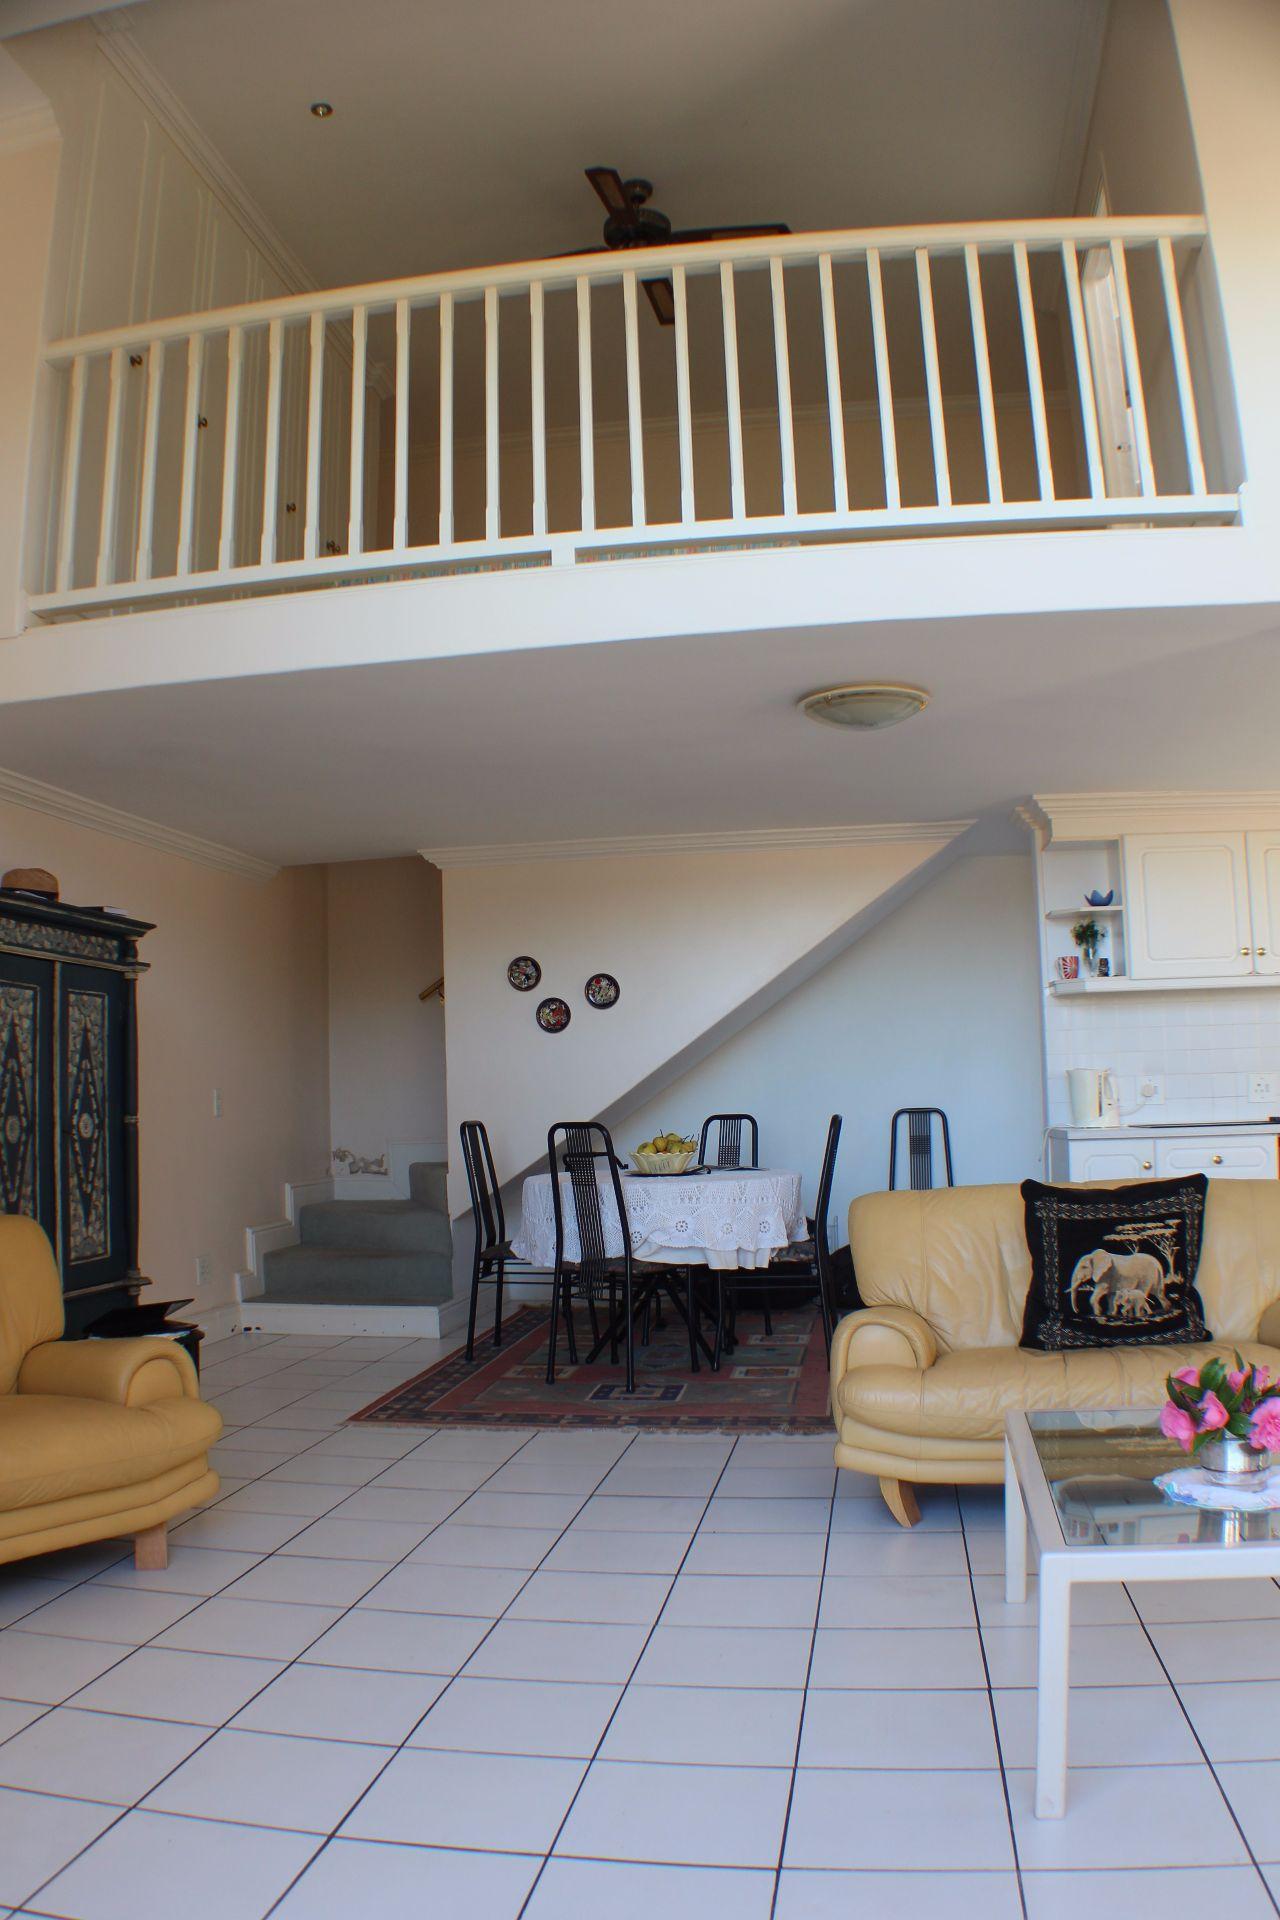 Erinvale Golf Estate property for sale. Ref No: 13509371. Picture no 25